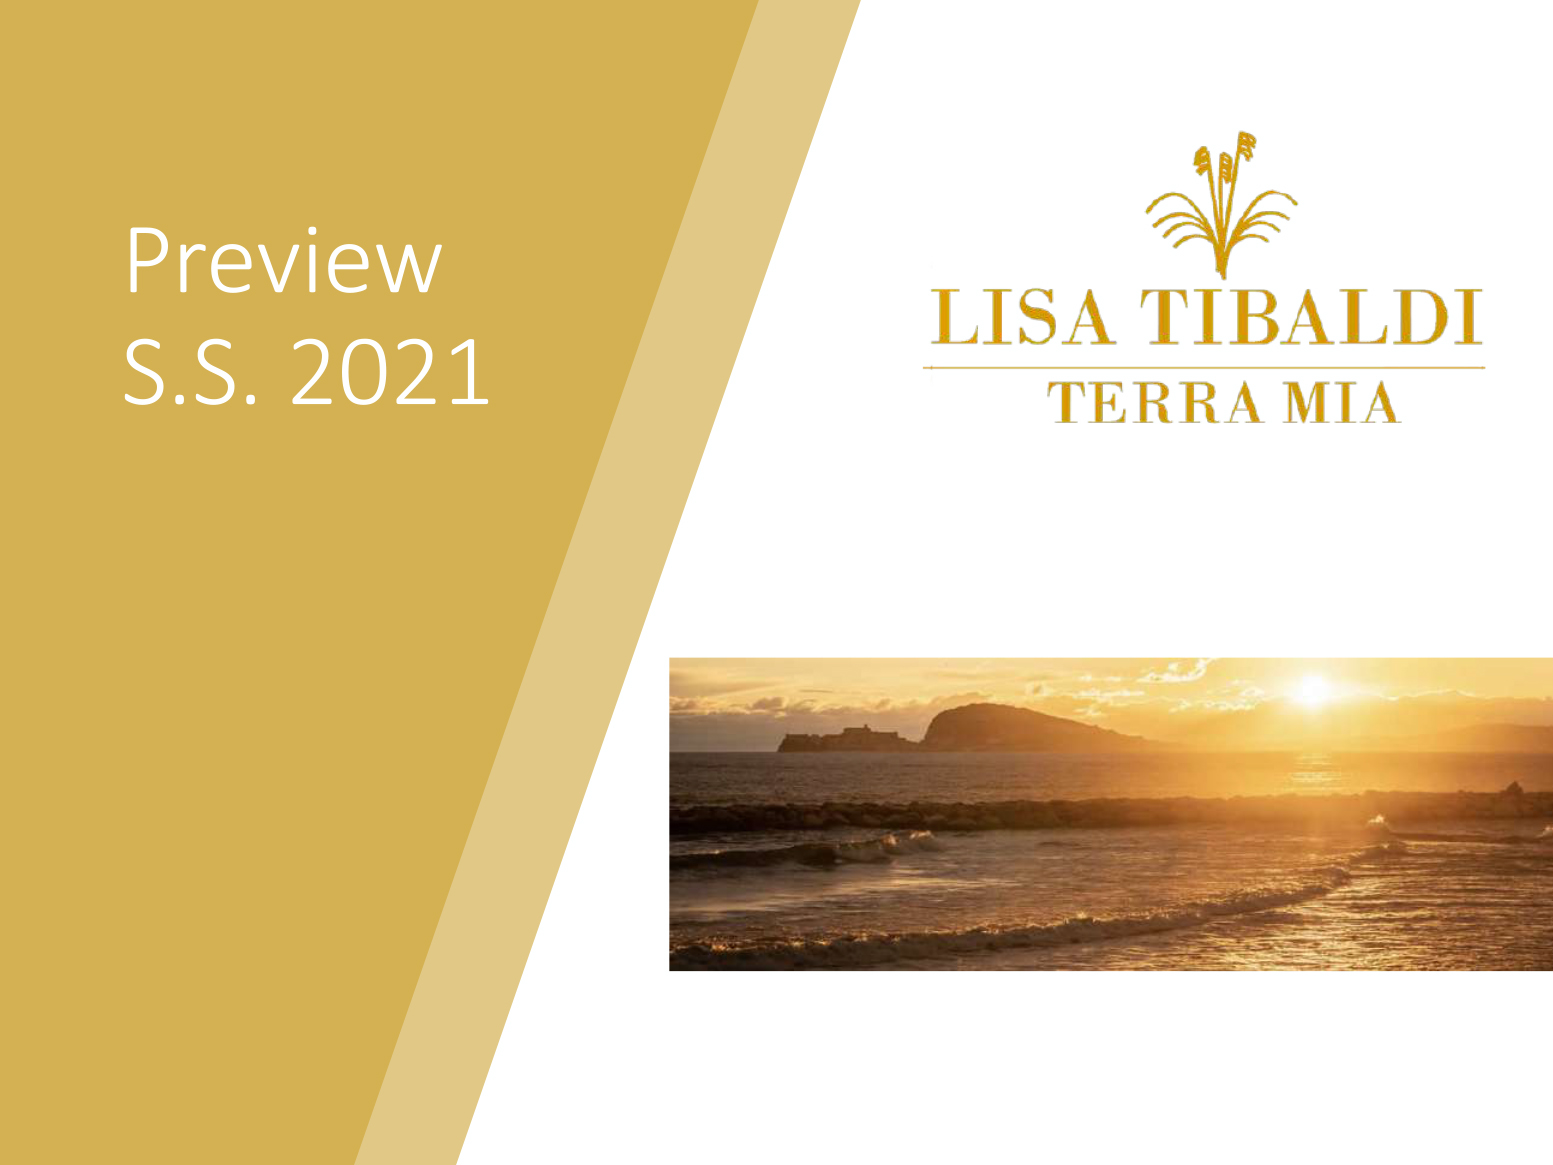 Lisa Tibaldi Terra Mia presentazione collezione SS 2021-1